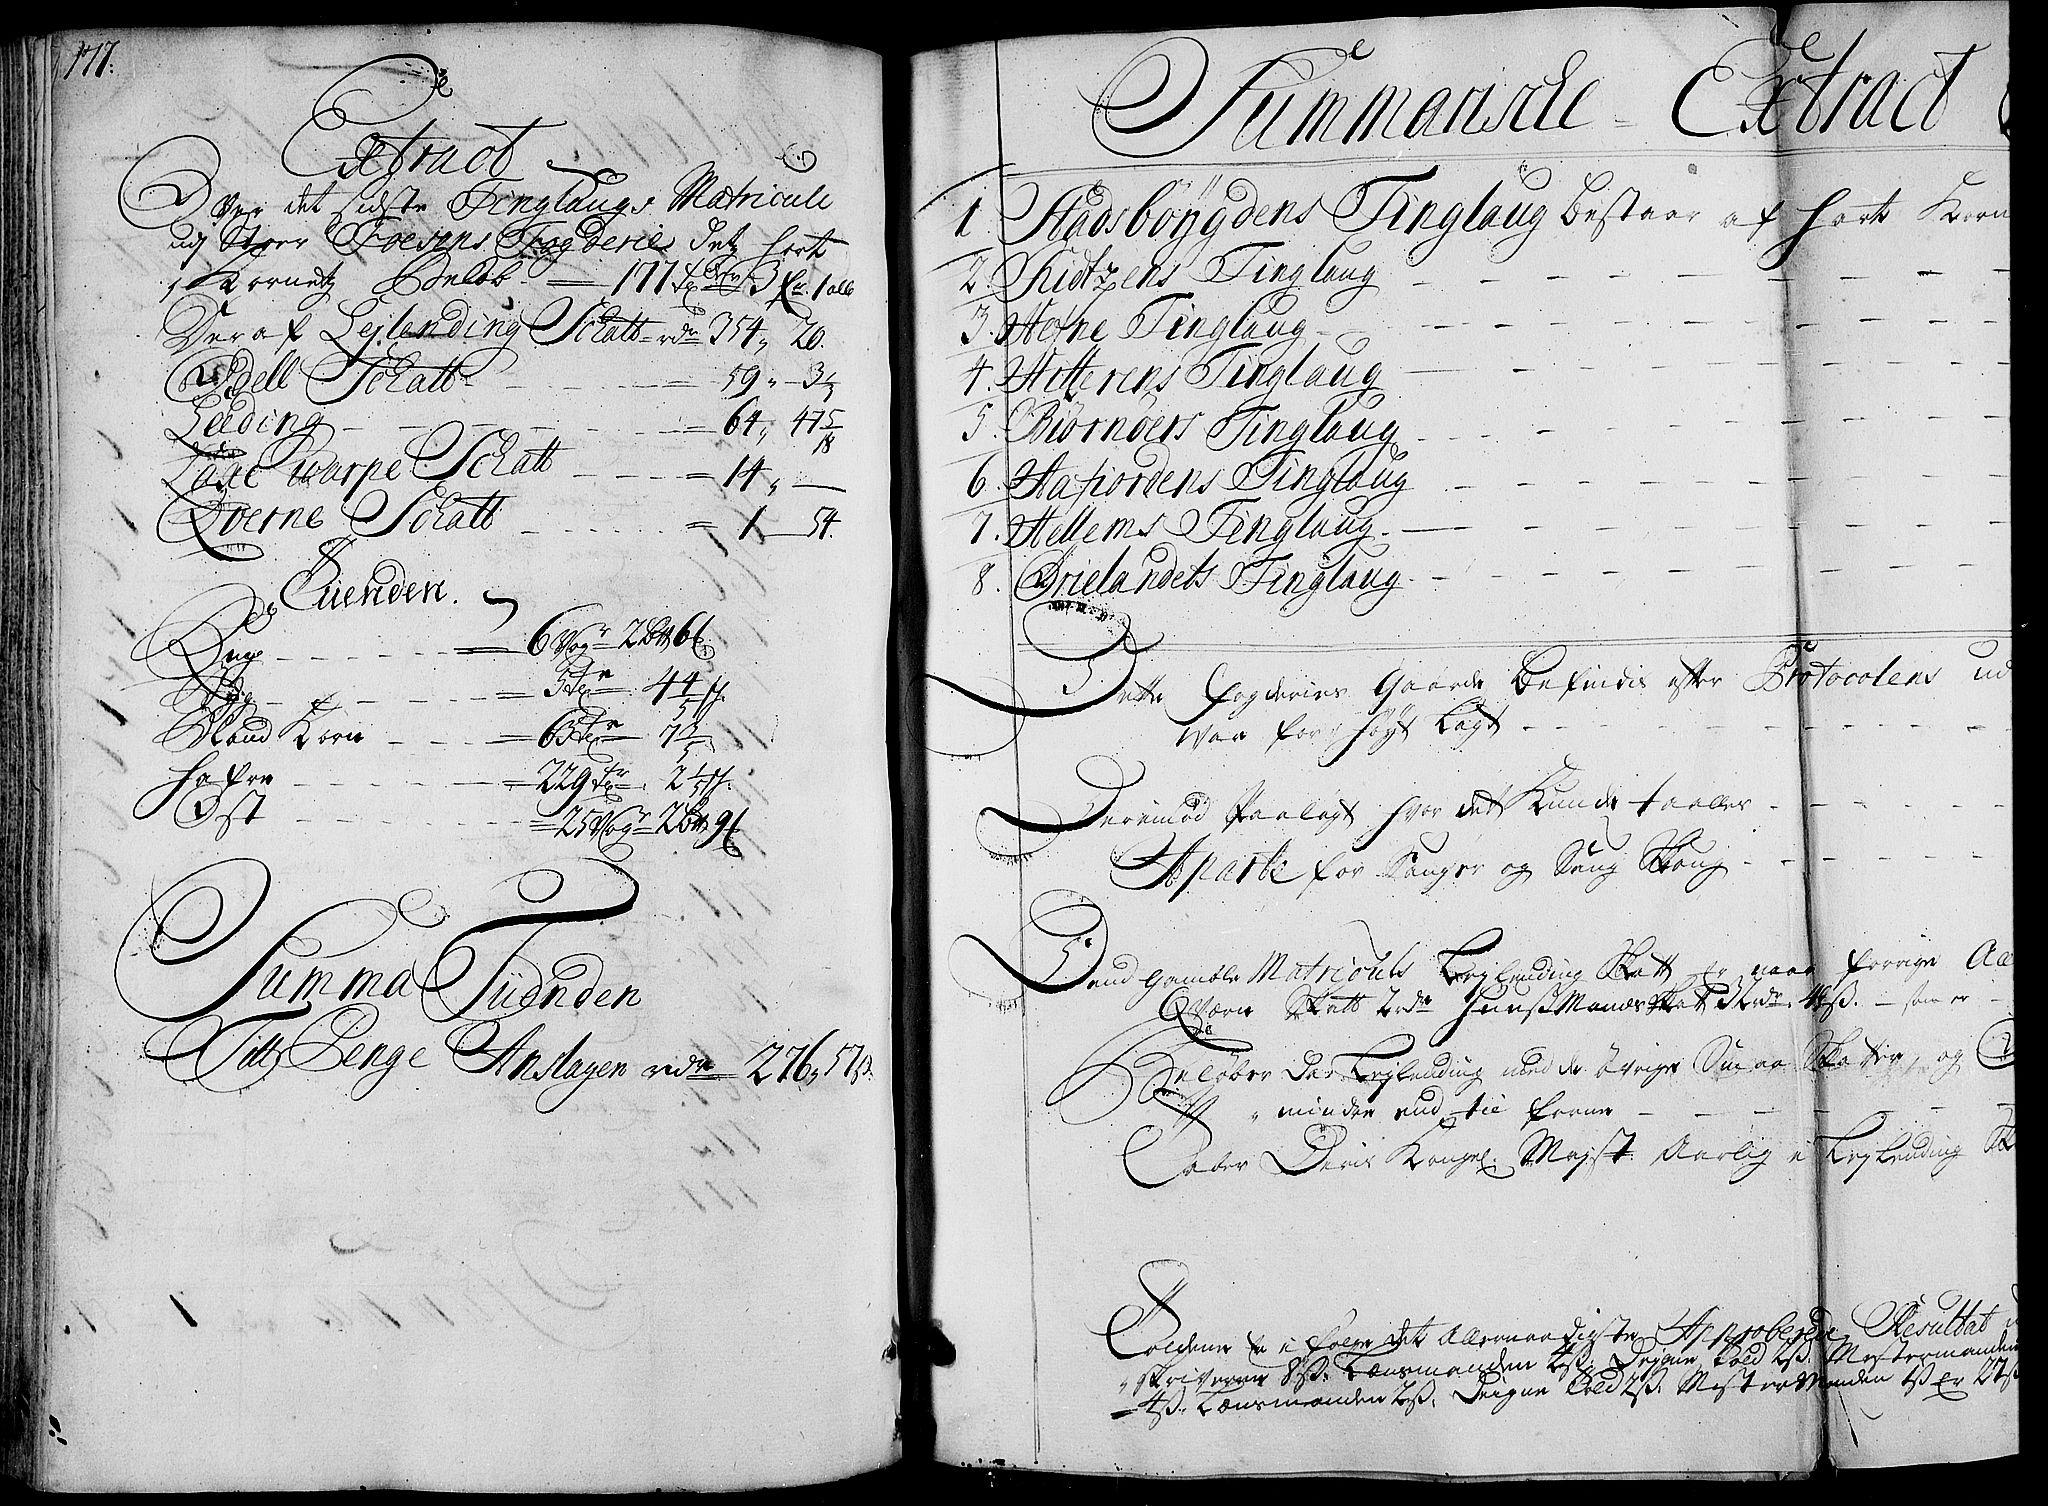 RA, Rentekammeret inntil 1814, Realistisk ordnet avdeling, N/Nb/Nbf/L0163: Fosen matrikkelprotokoll, 1723, s. 177